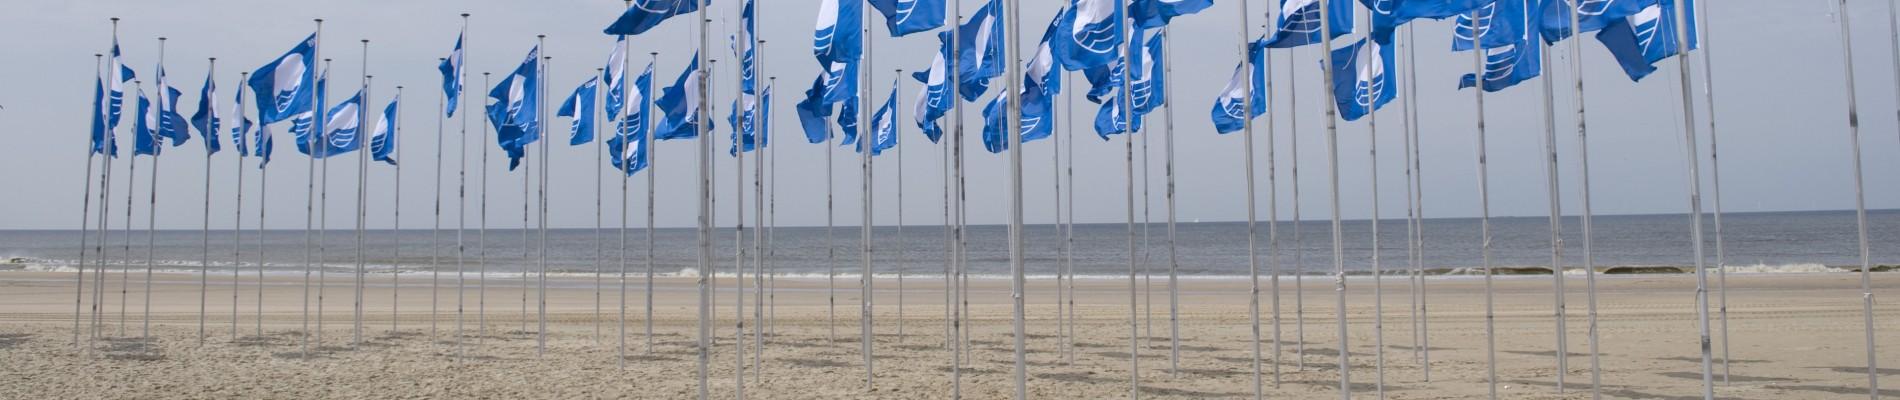 Blauwe vlag wappert op Schouwen Duiveland